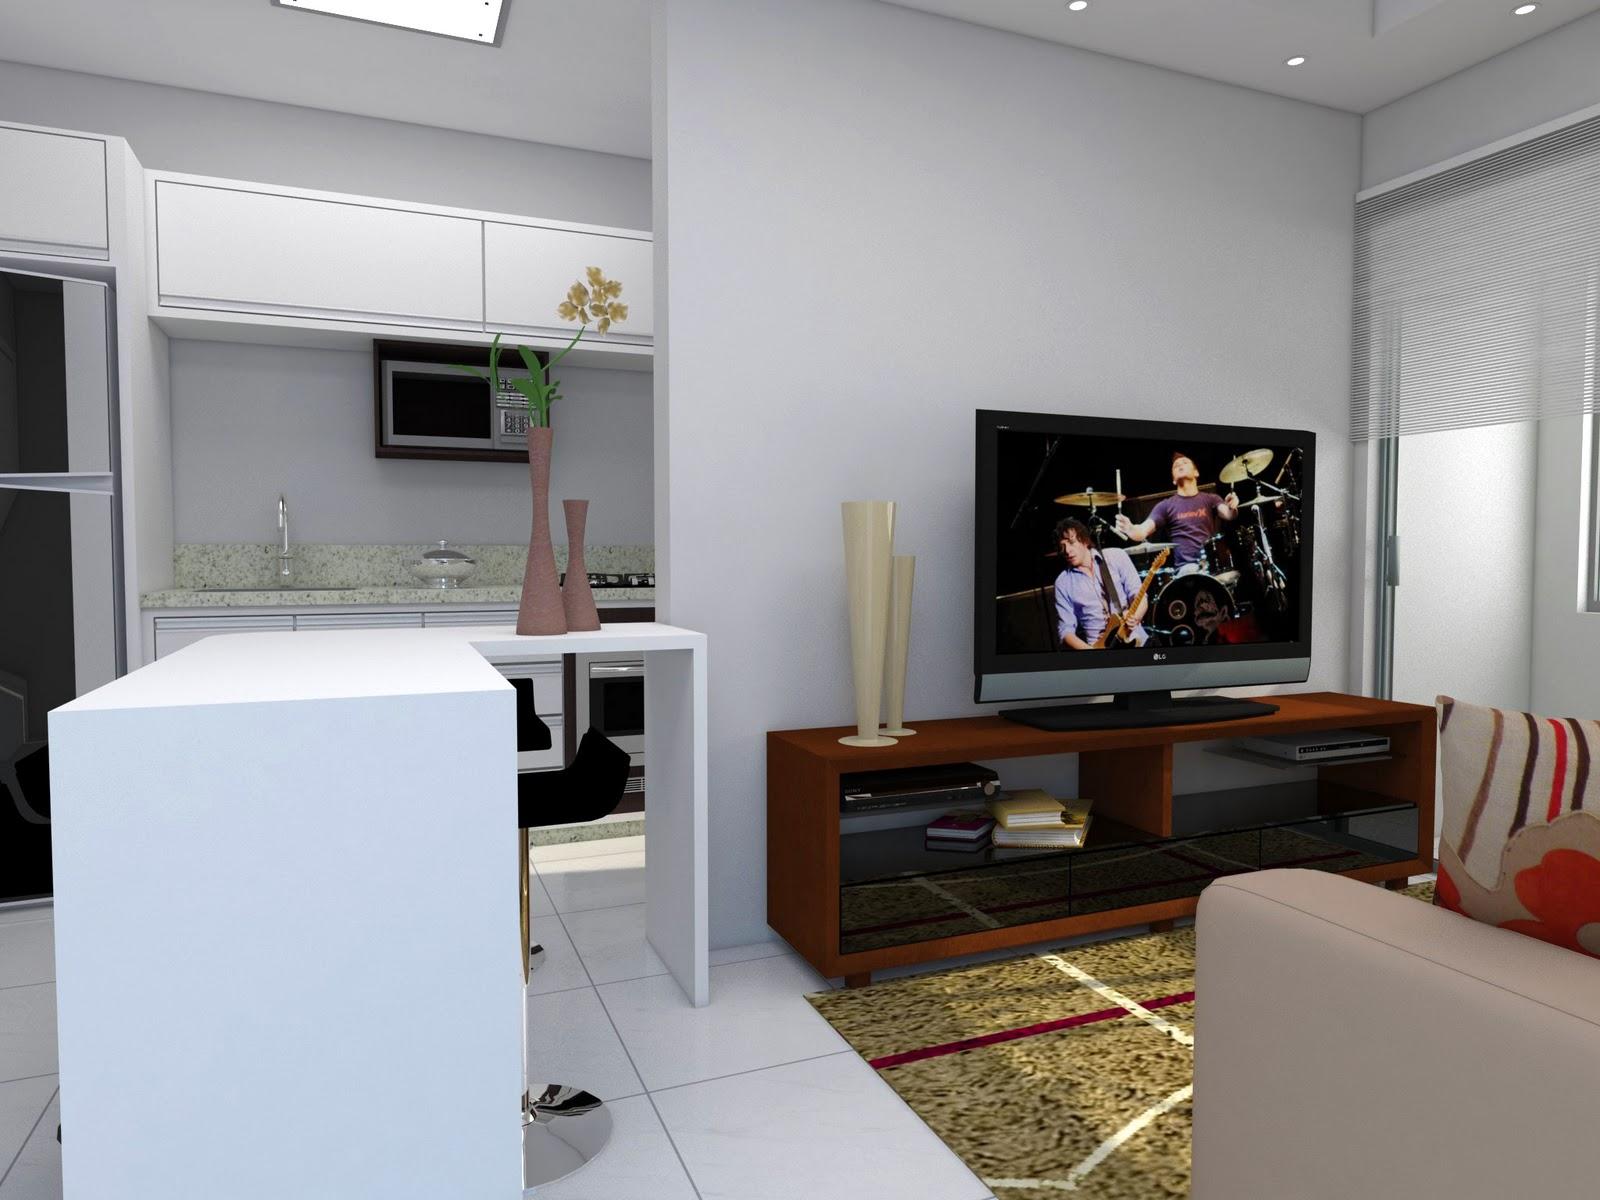 #673725 Related to Cozinha e sala de jantar conjugada Minha casa minha cara 1600x1200 px Cozinha Casa Design_397 Imagens